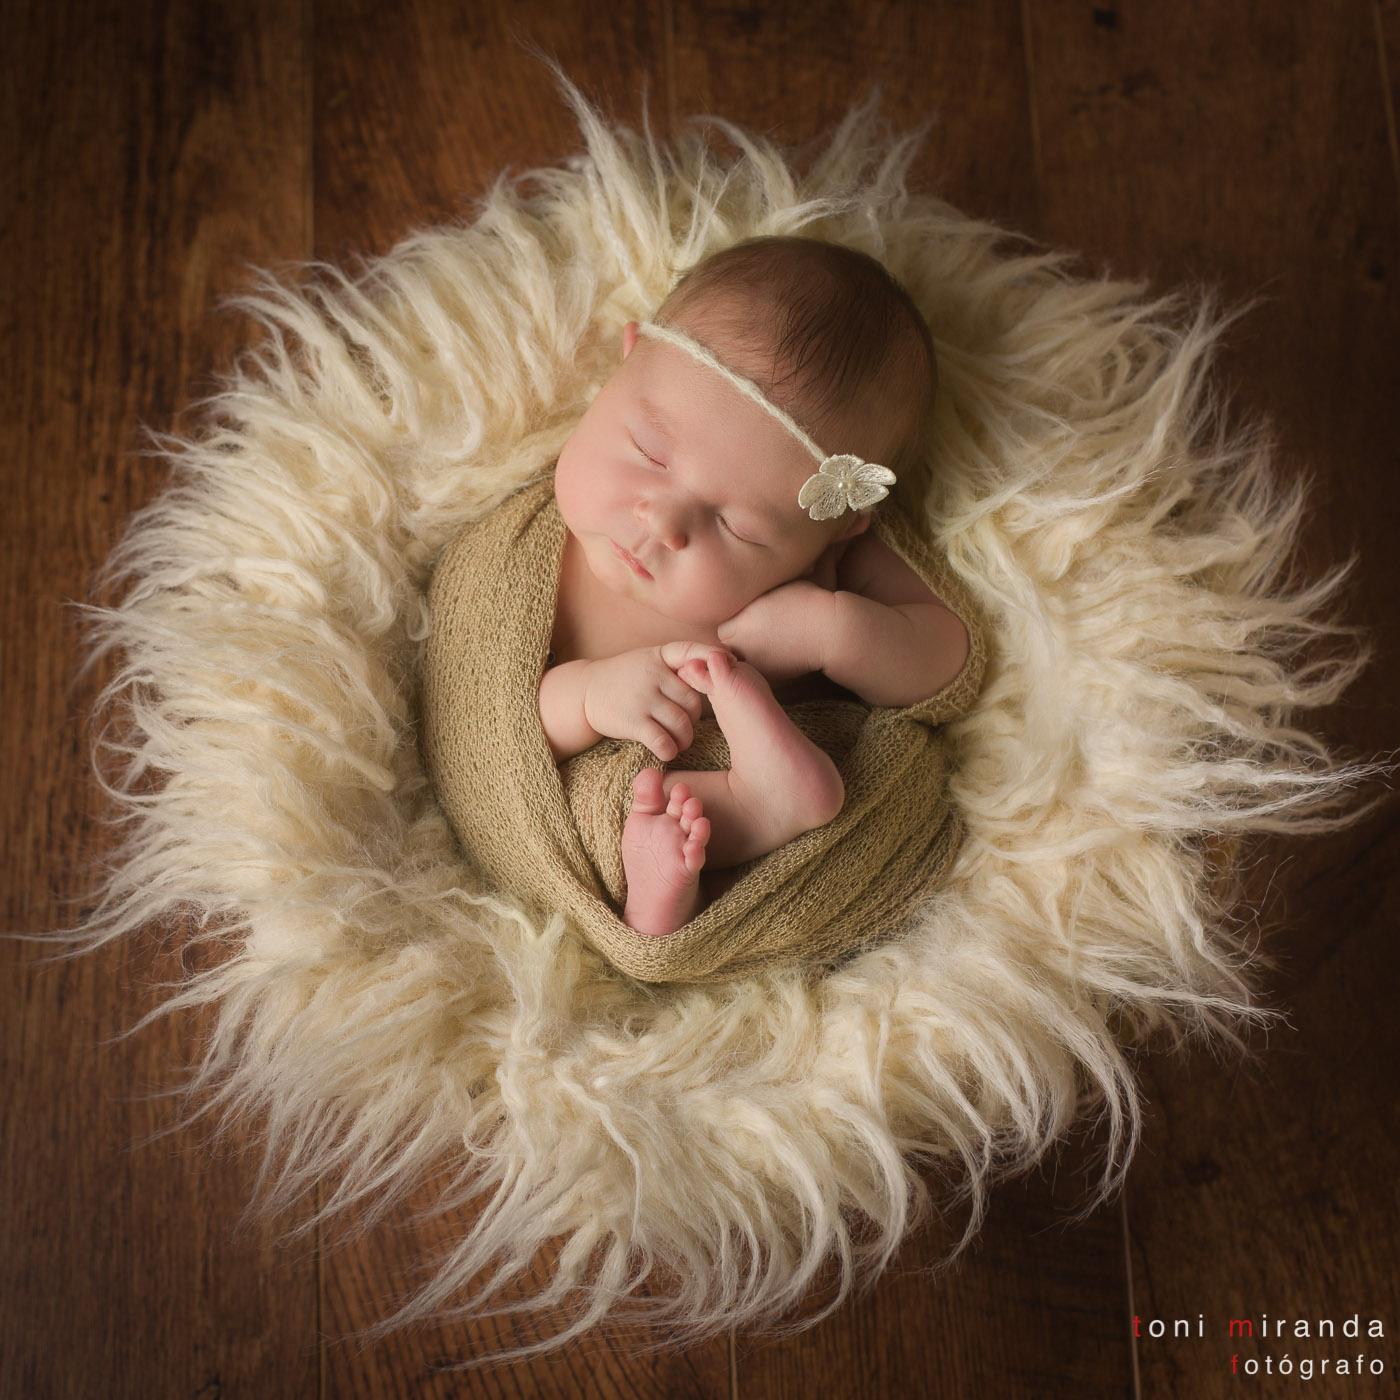 bebe recien nacido sonrisa en nido en estudio alcoy